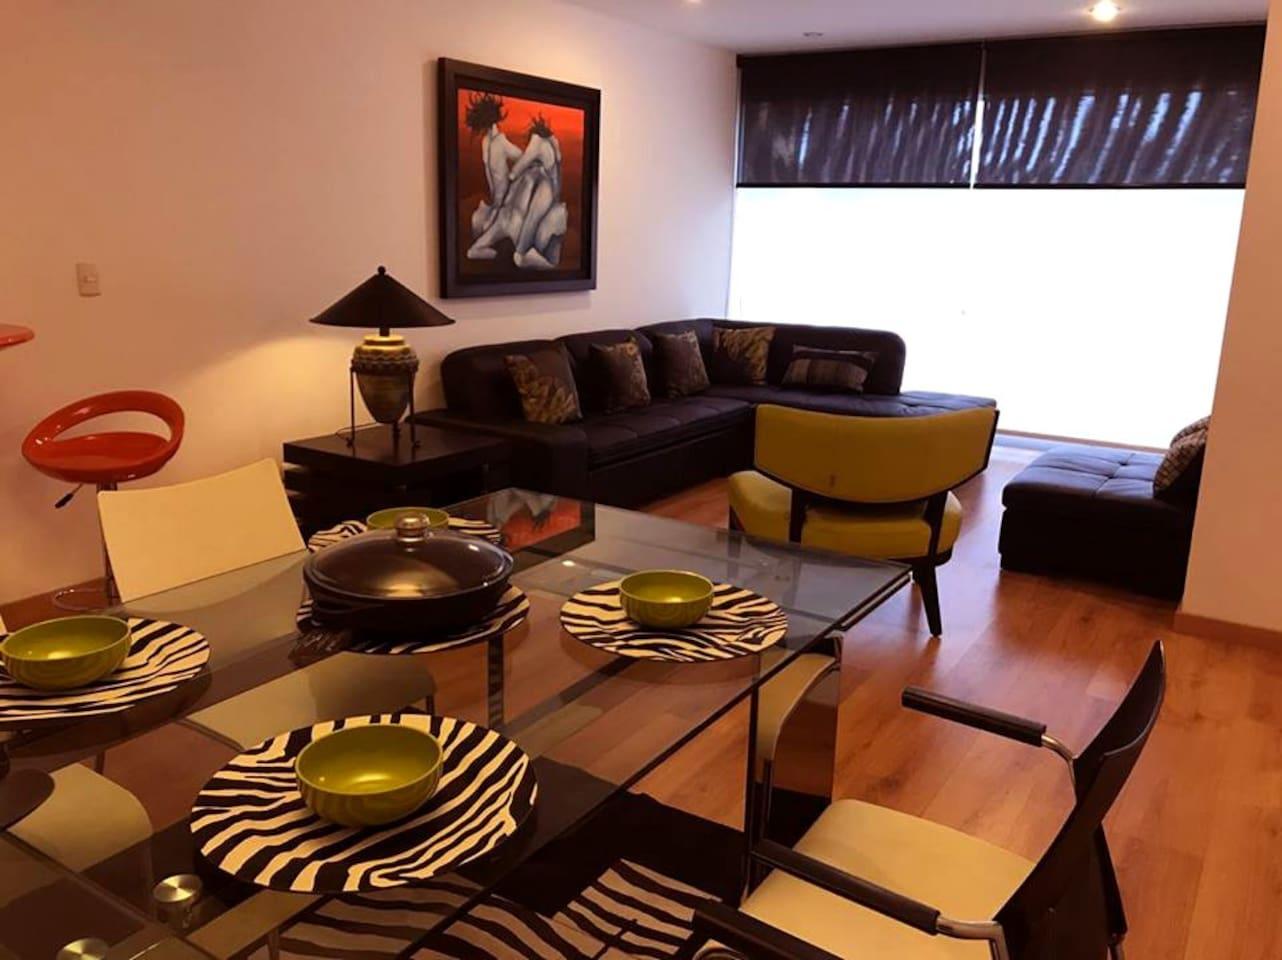 Sala y comedor, moderna y cómoda decoración.